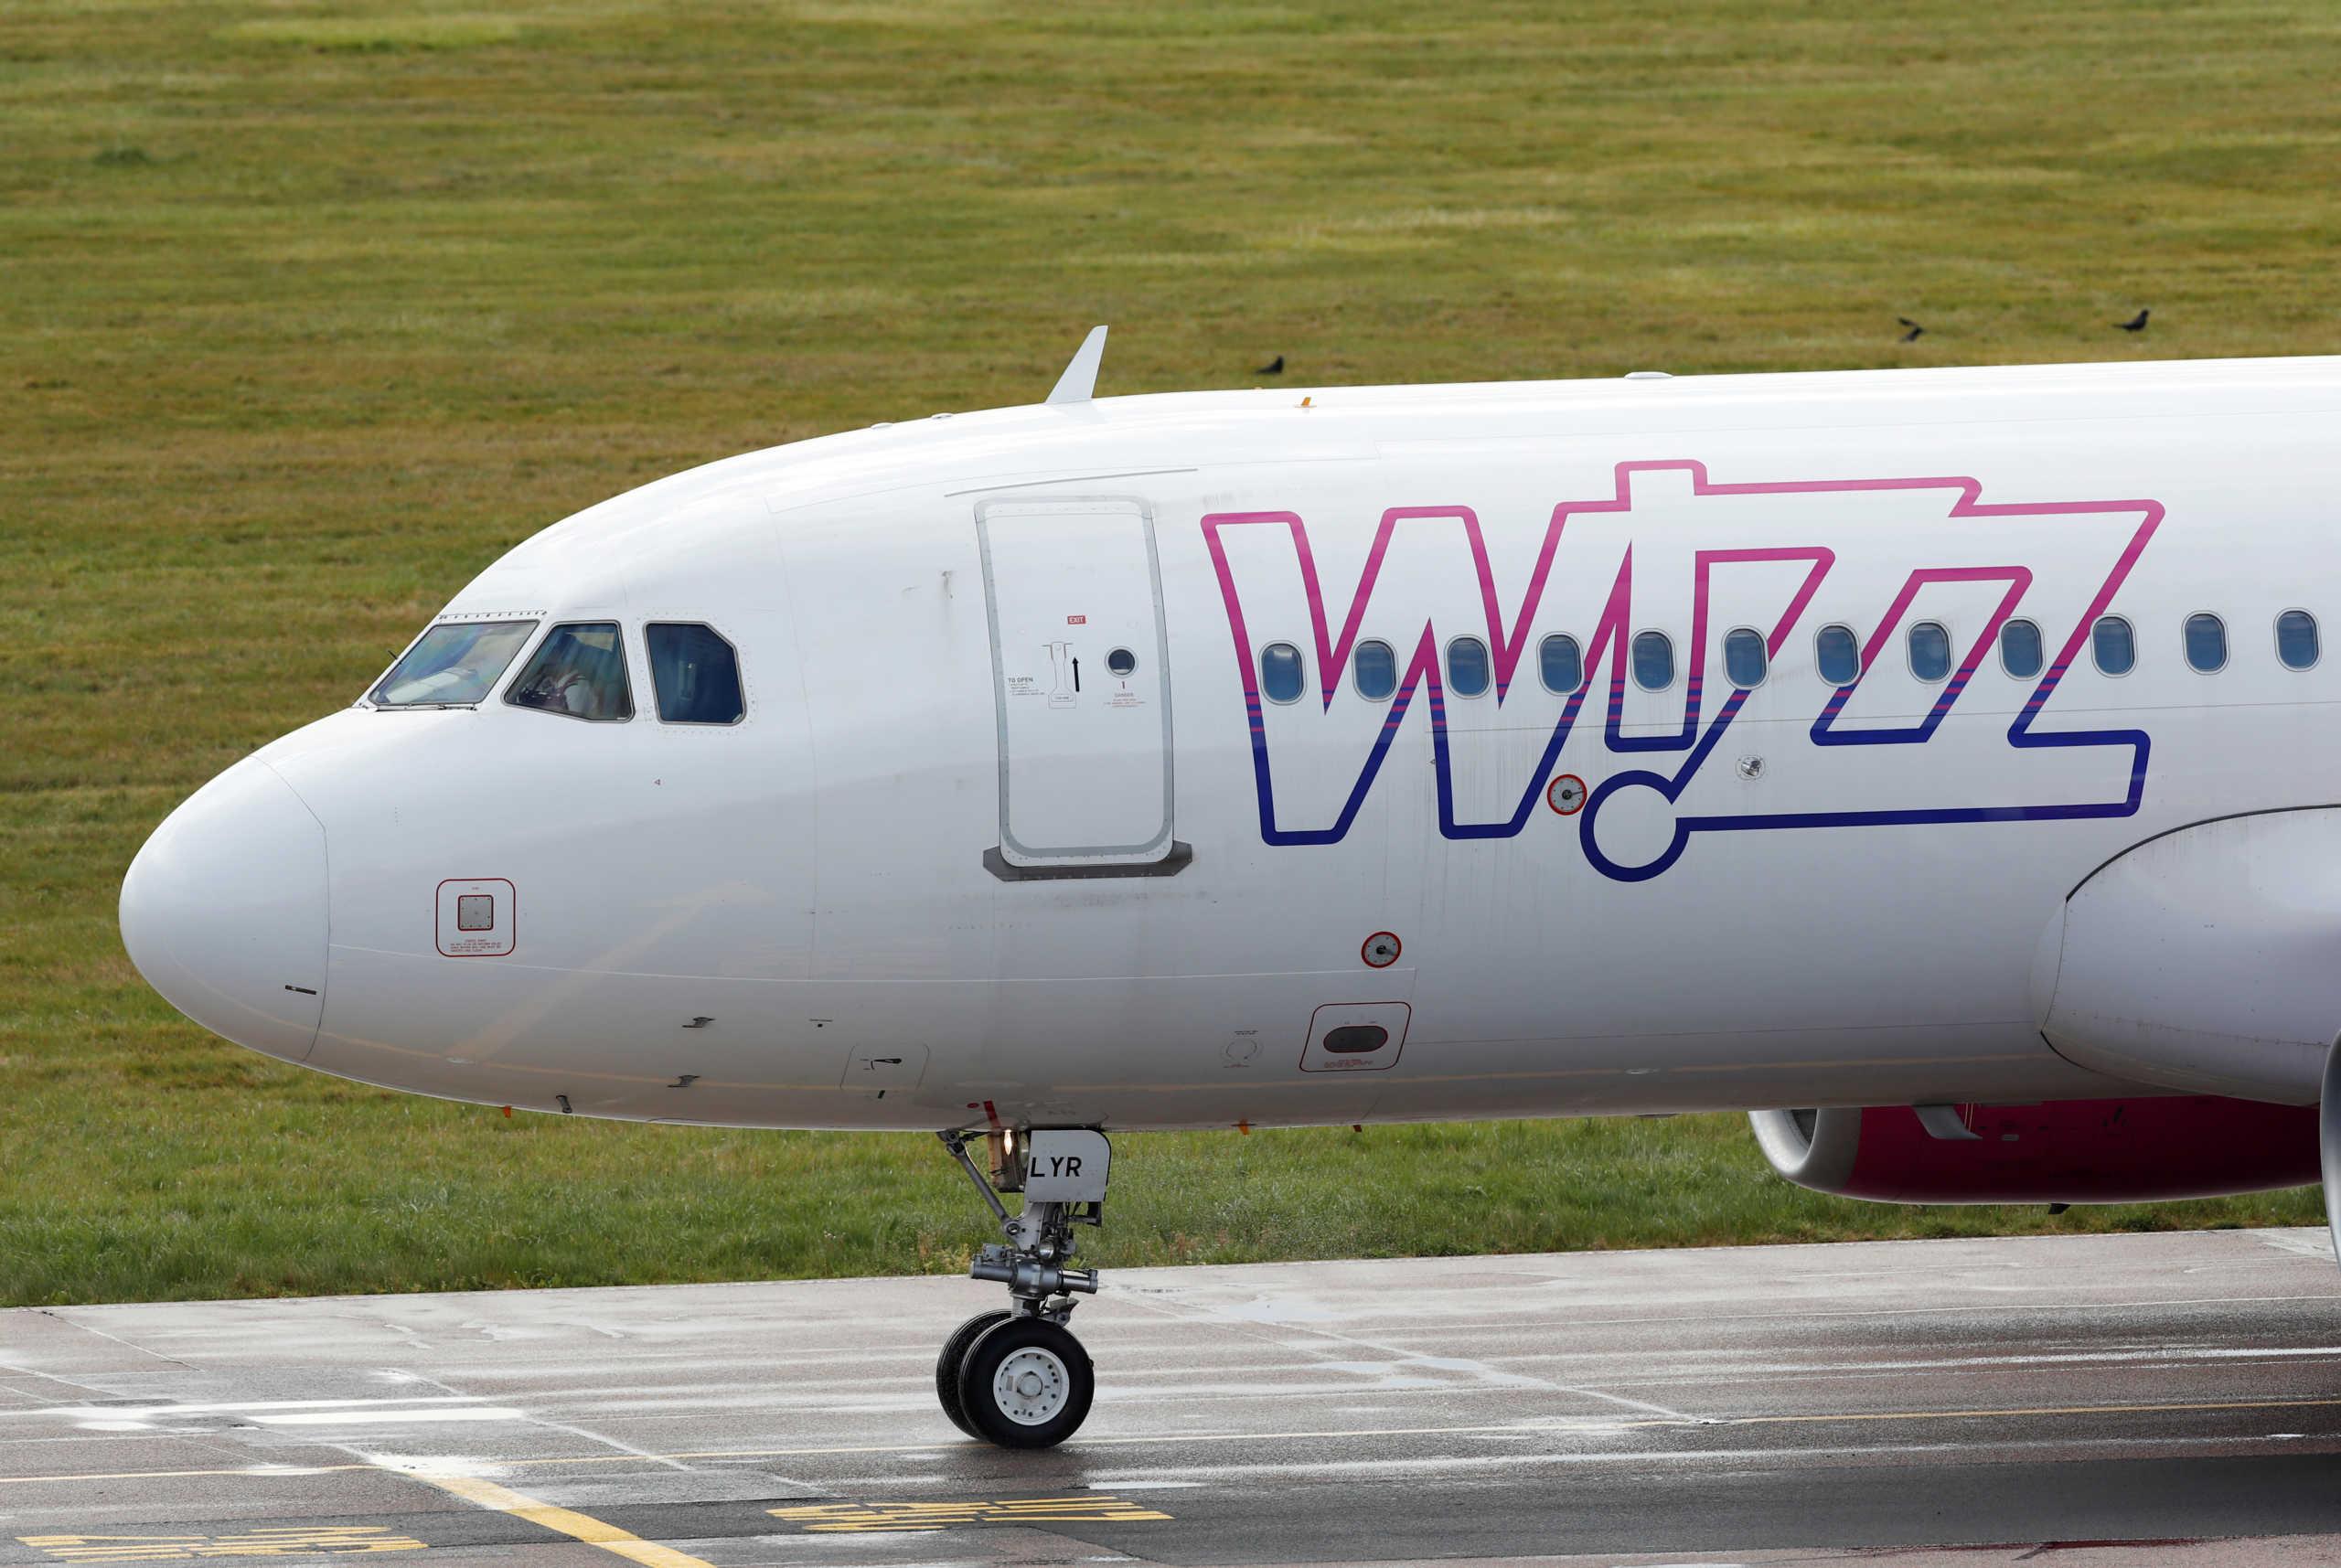 Οκτώ νεαροί Βρετανοί θετικοί στον κορονοϊό σε πτήση της Wizz Air από την Κρήτη